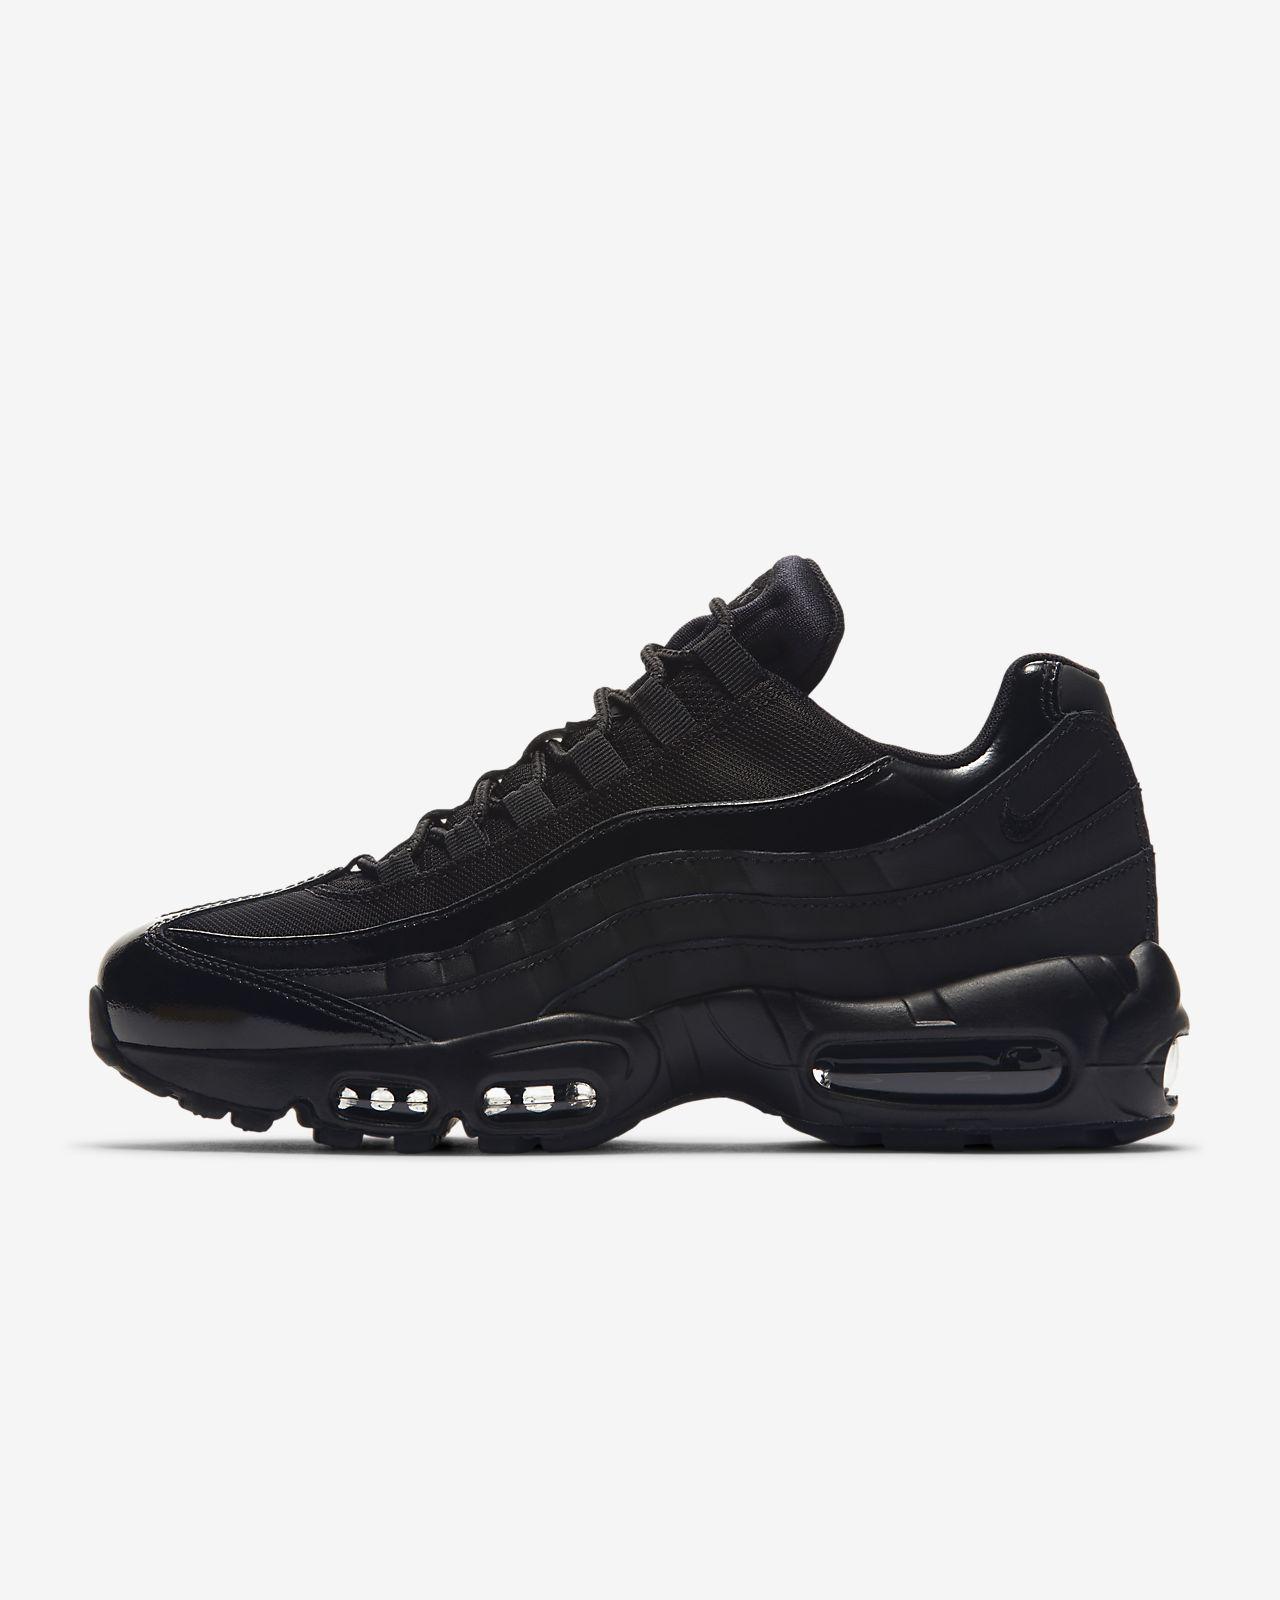 Nike Air Max 95 damesko